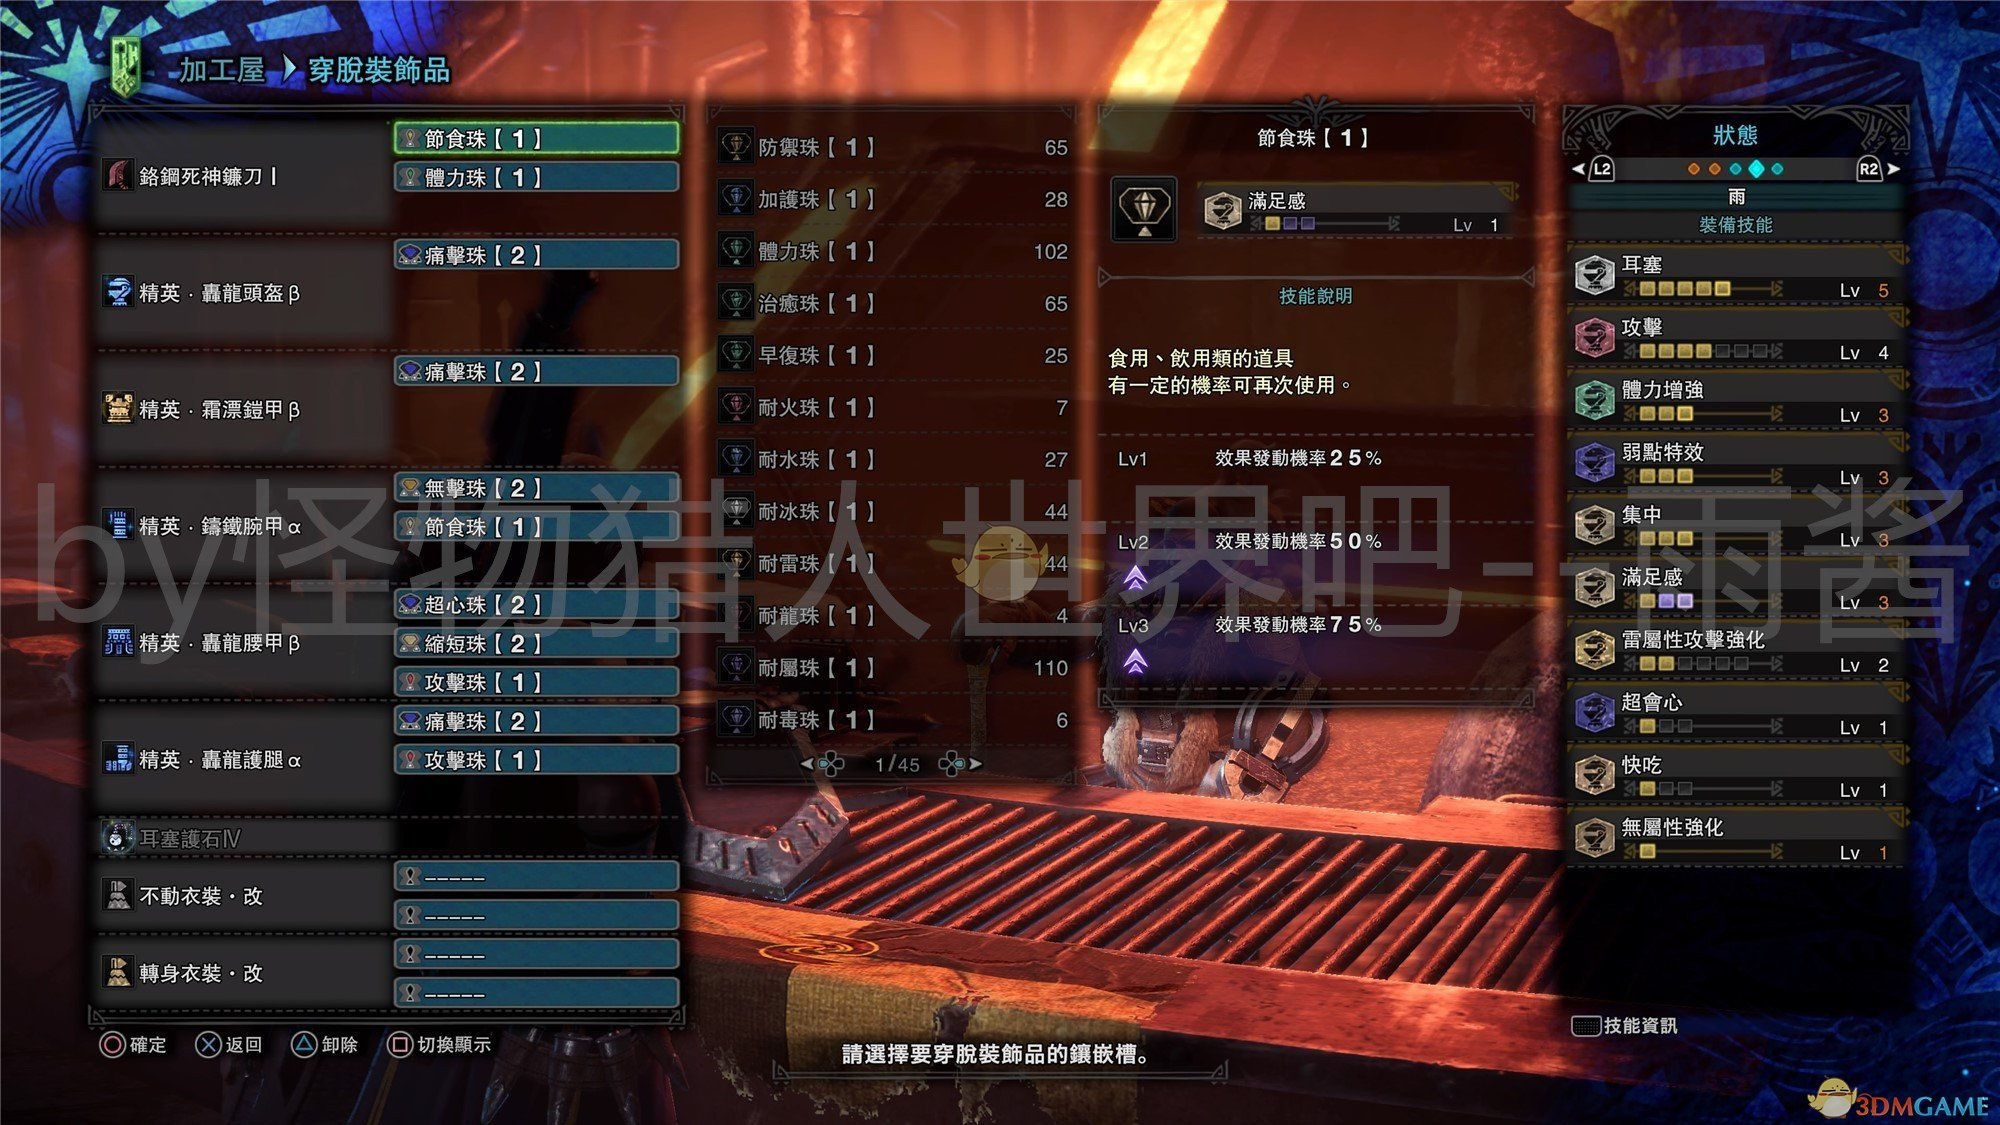 《怪物猎人:世界》冰原DLC大剑中期节食配装介绍